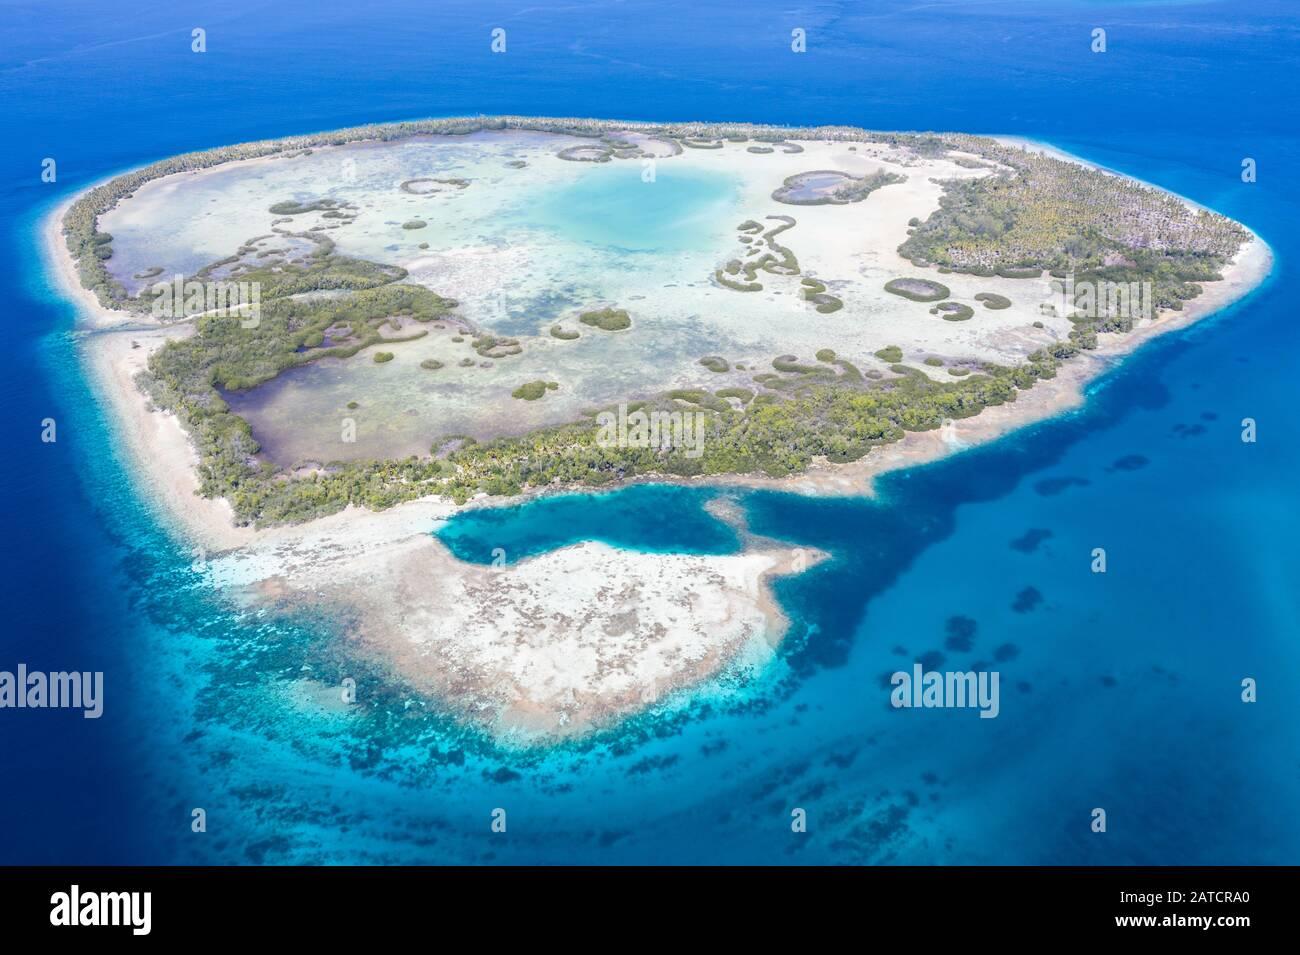 Una remota isla tropical en el Mar de Molucca está rodeada por un bosque de manglares que rodea una laguna poco profunda. Esta isla se encuentra en medio del Triángulo del Coral. Foto de stock